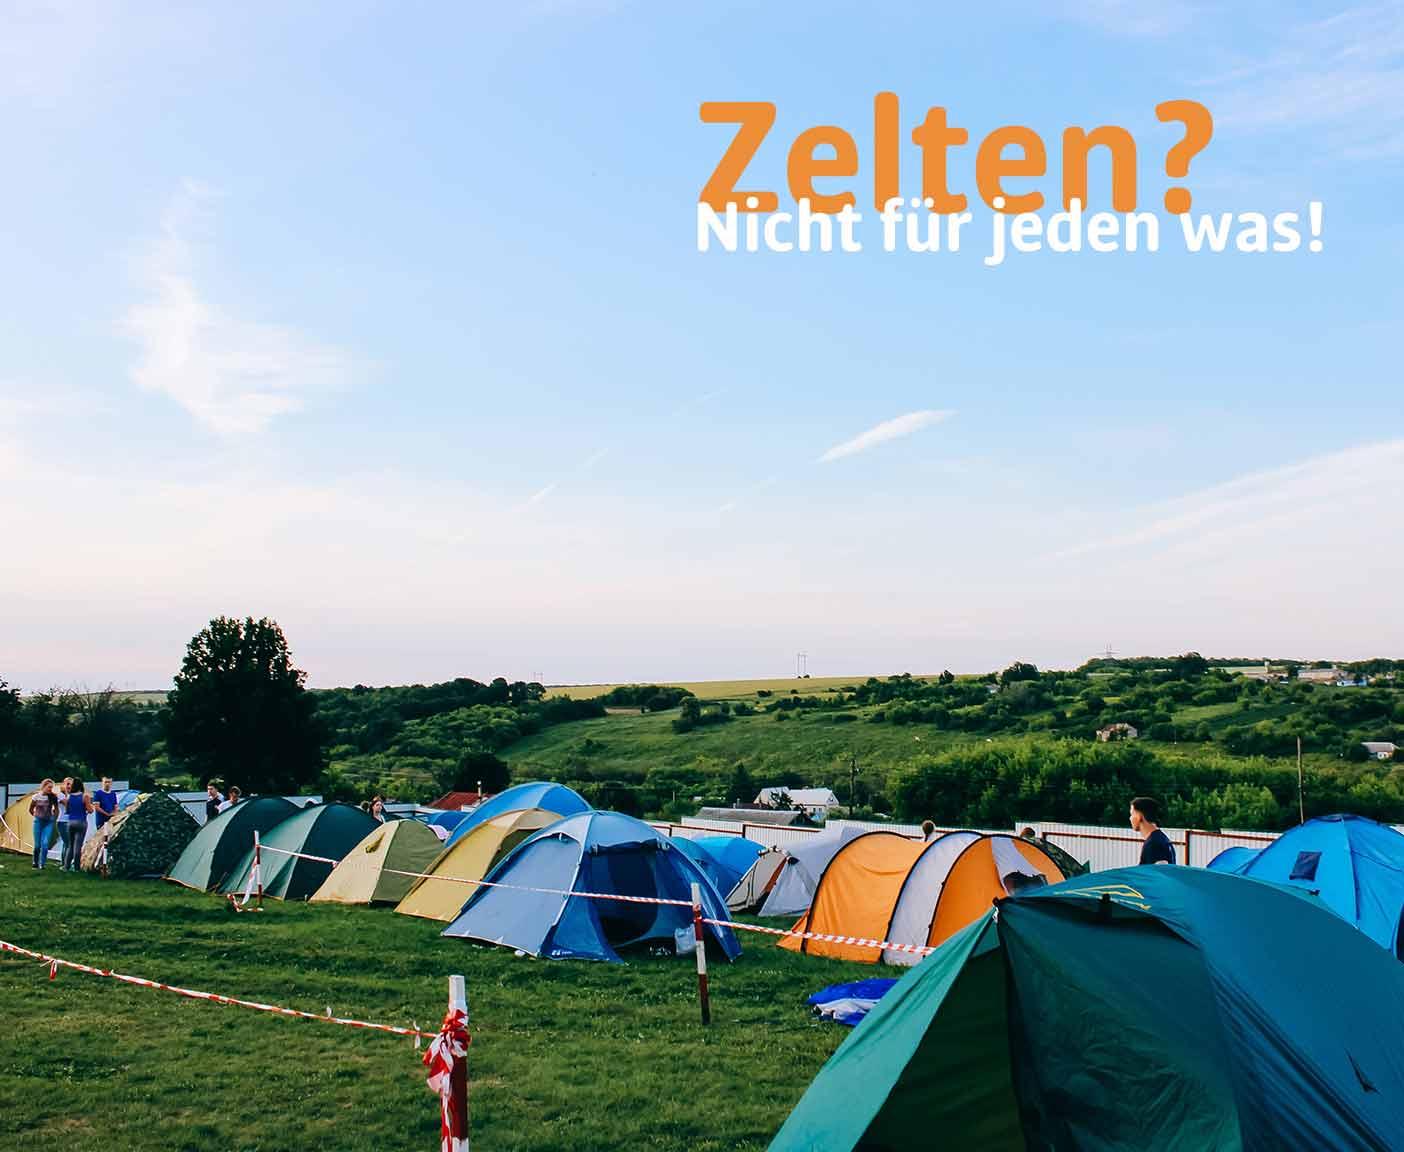 Zelte in einer Reihe auf einem Festival, Absperrband, Wiese, blauer Himmel, festival Tipps mit Paulcamper